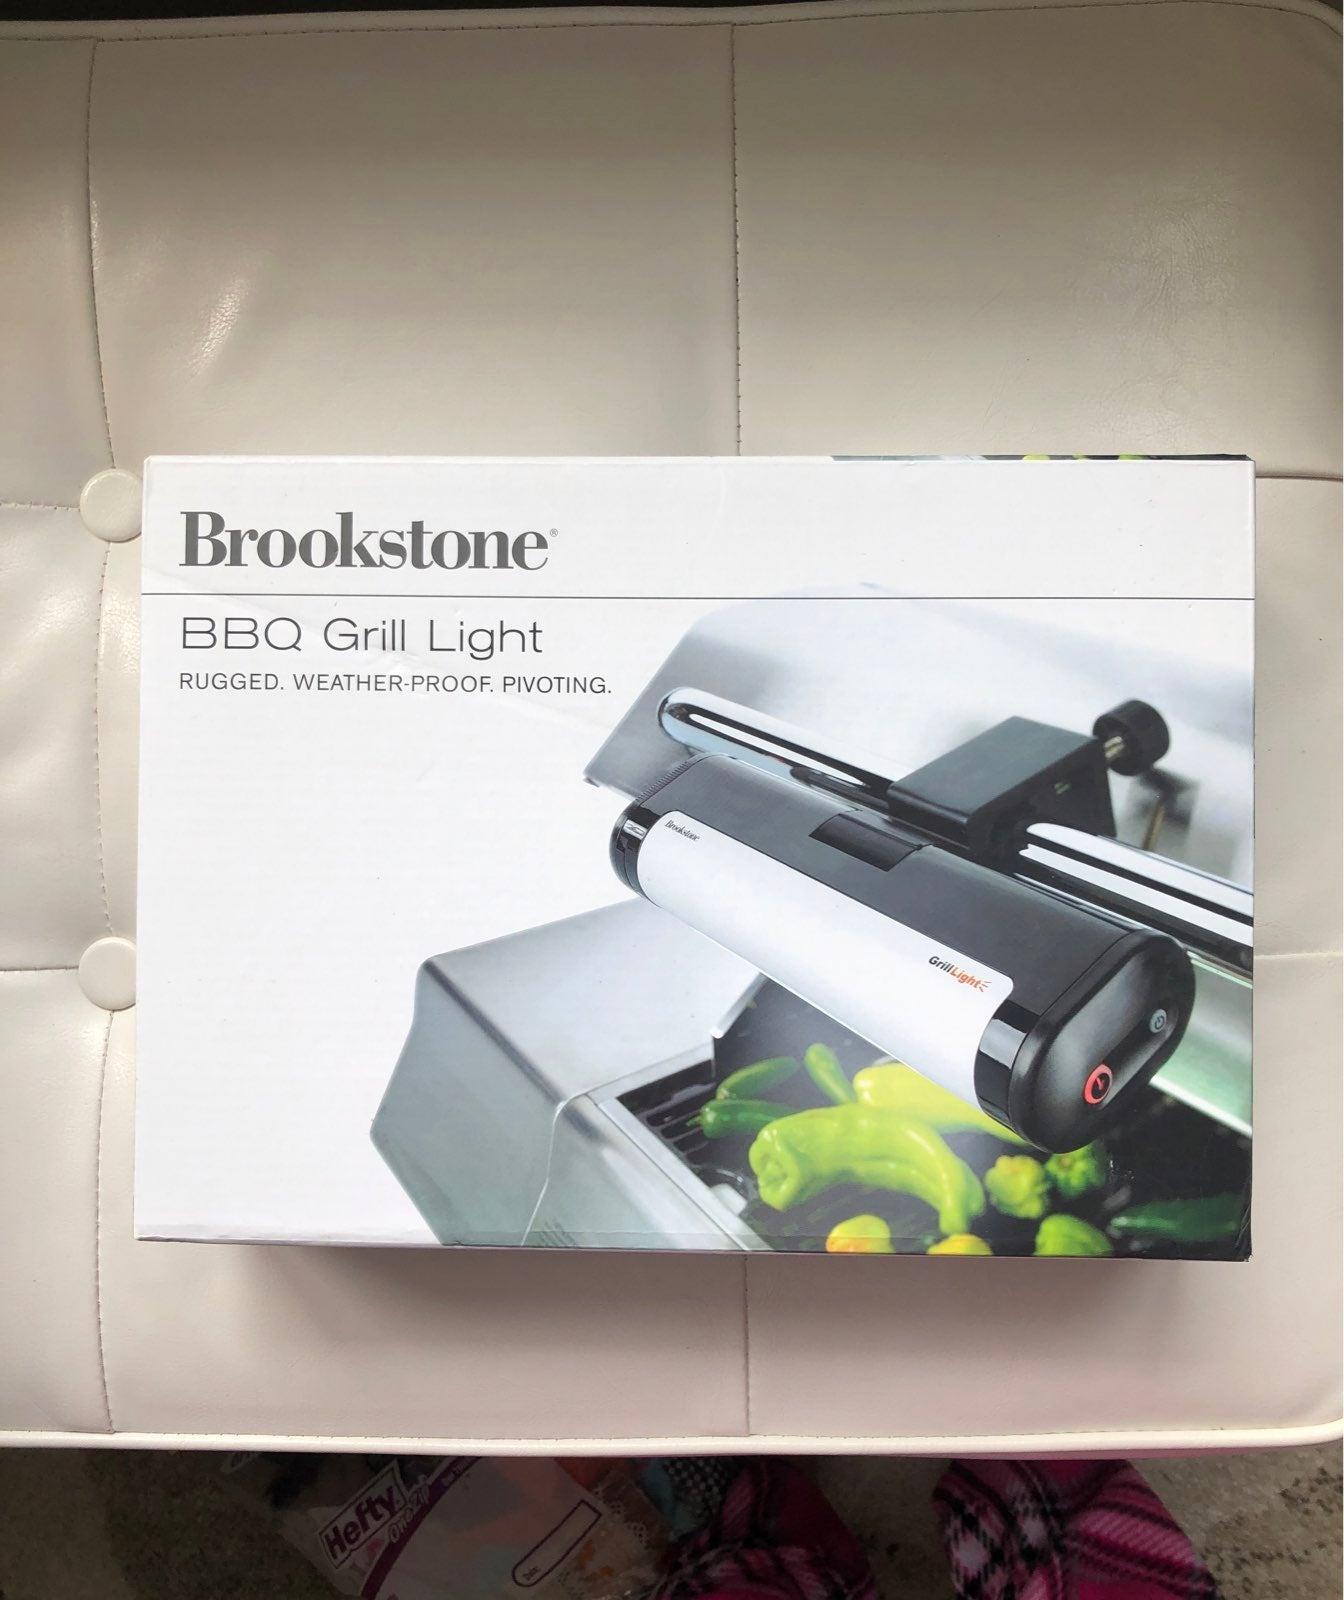 Brookstone BBQ Grill Light, NEW